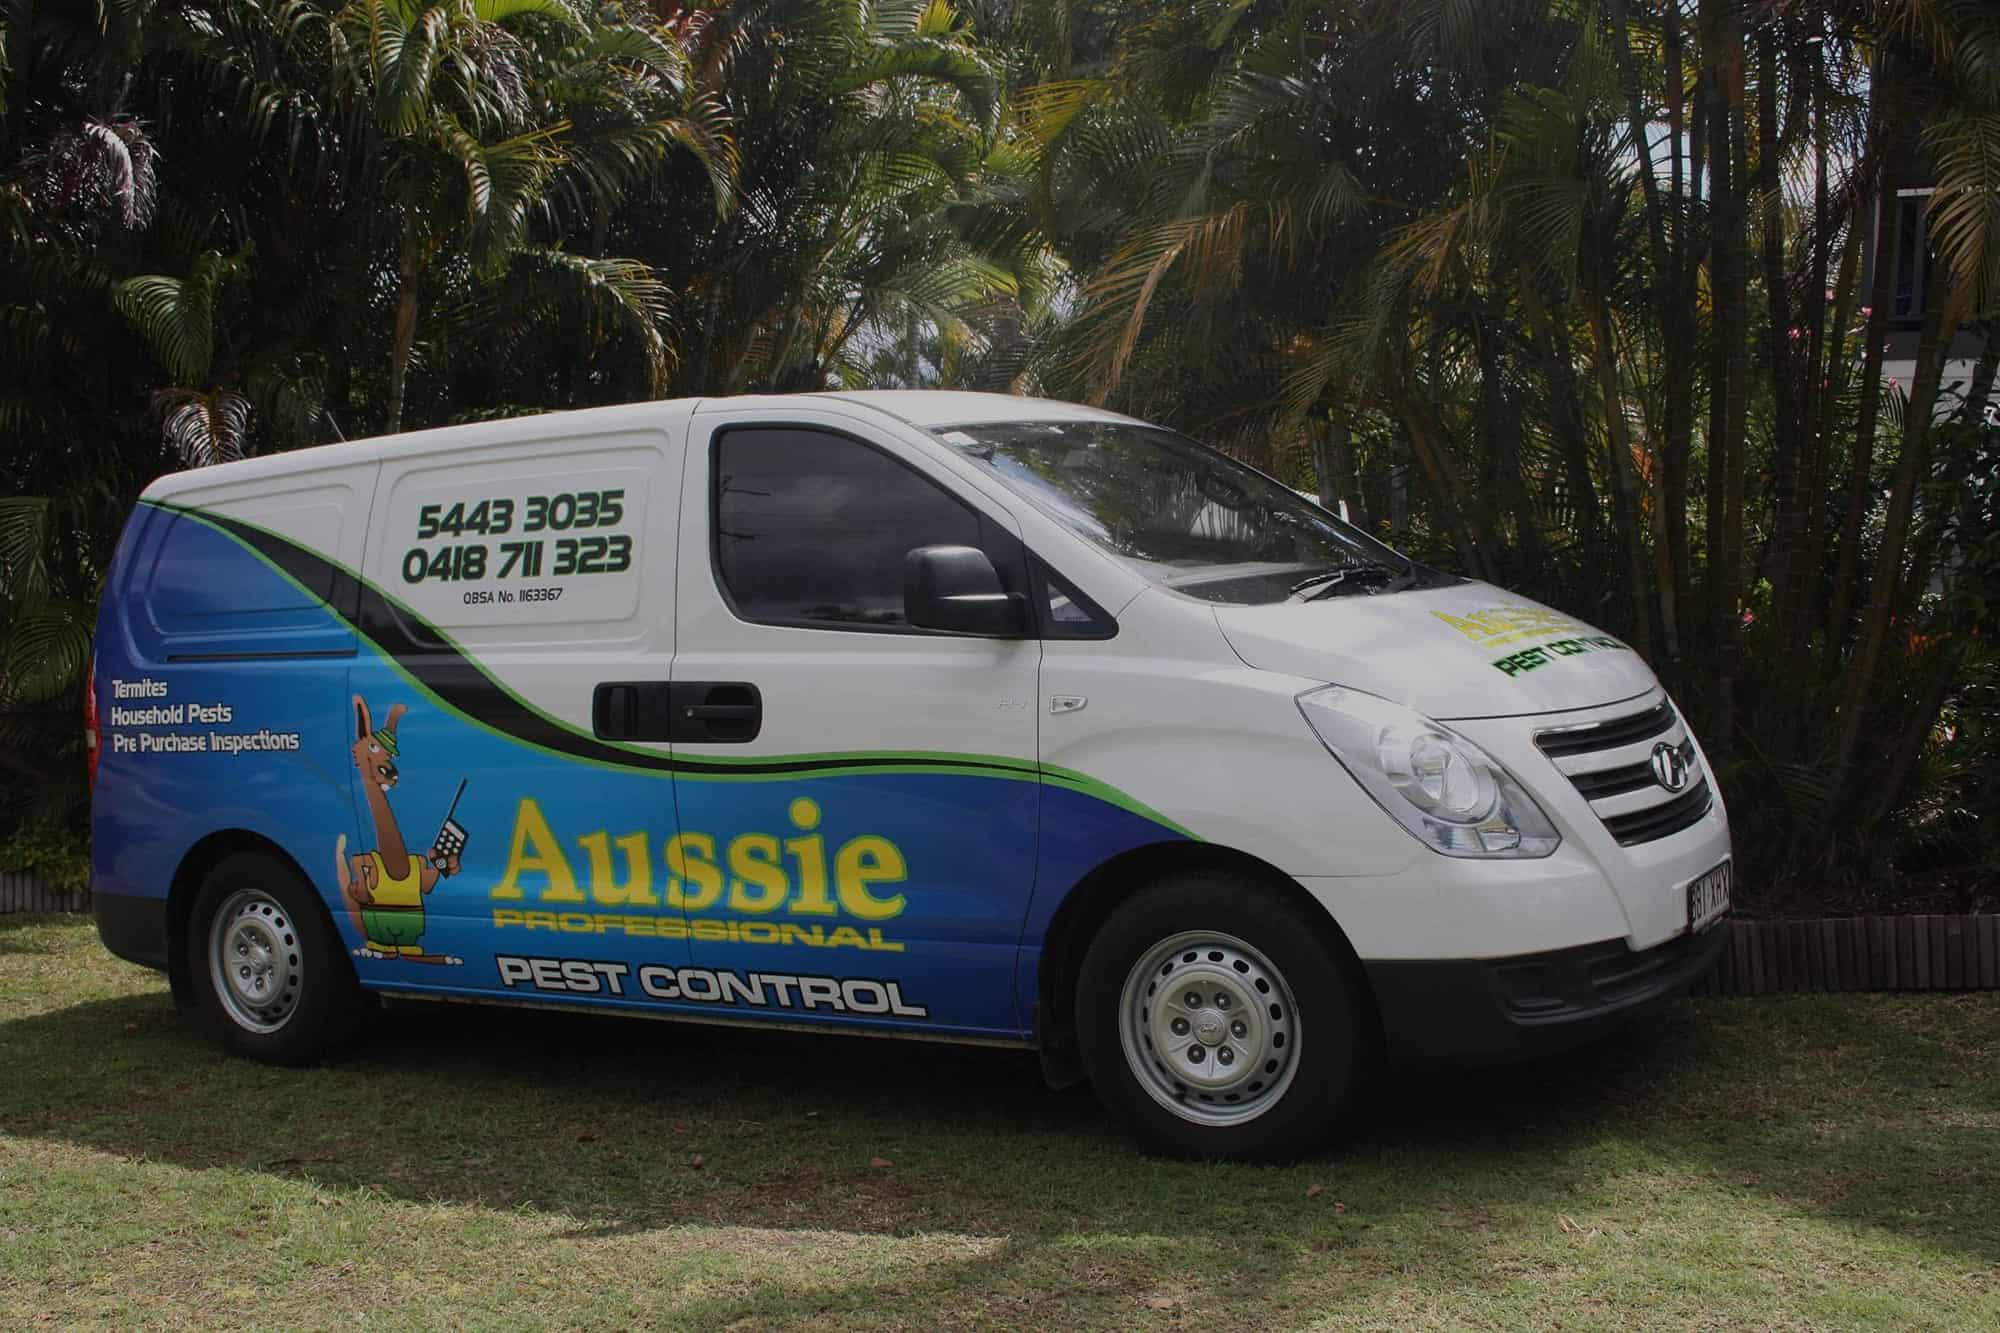 aussie pest control sunshine coast exterminator work van